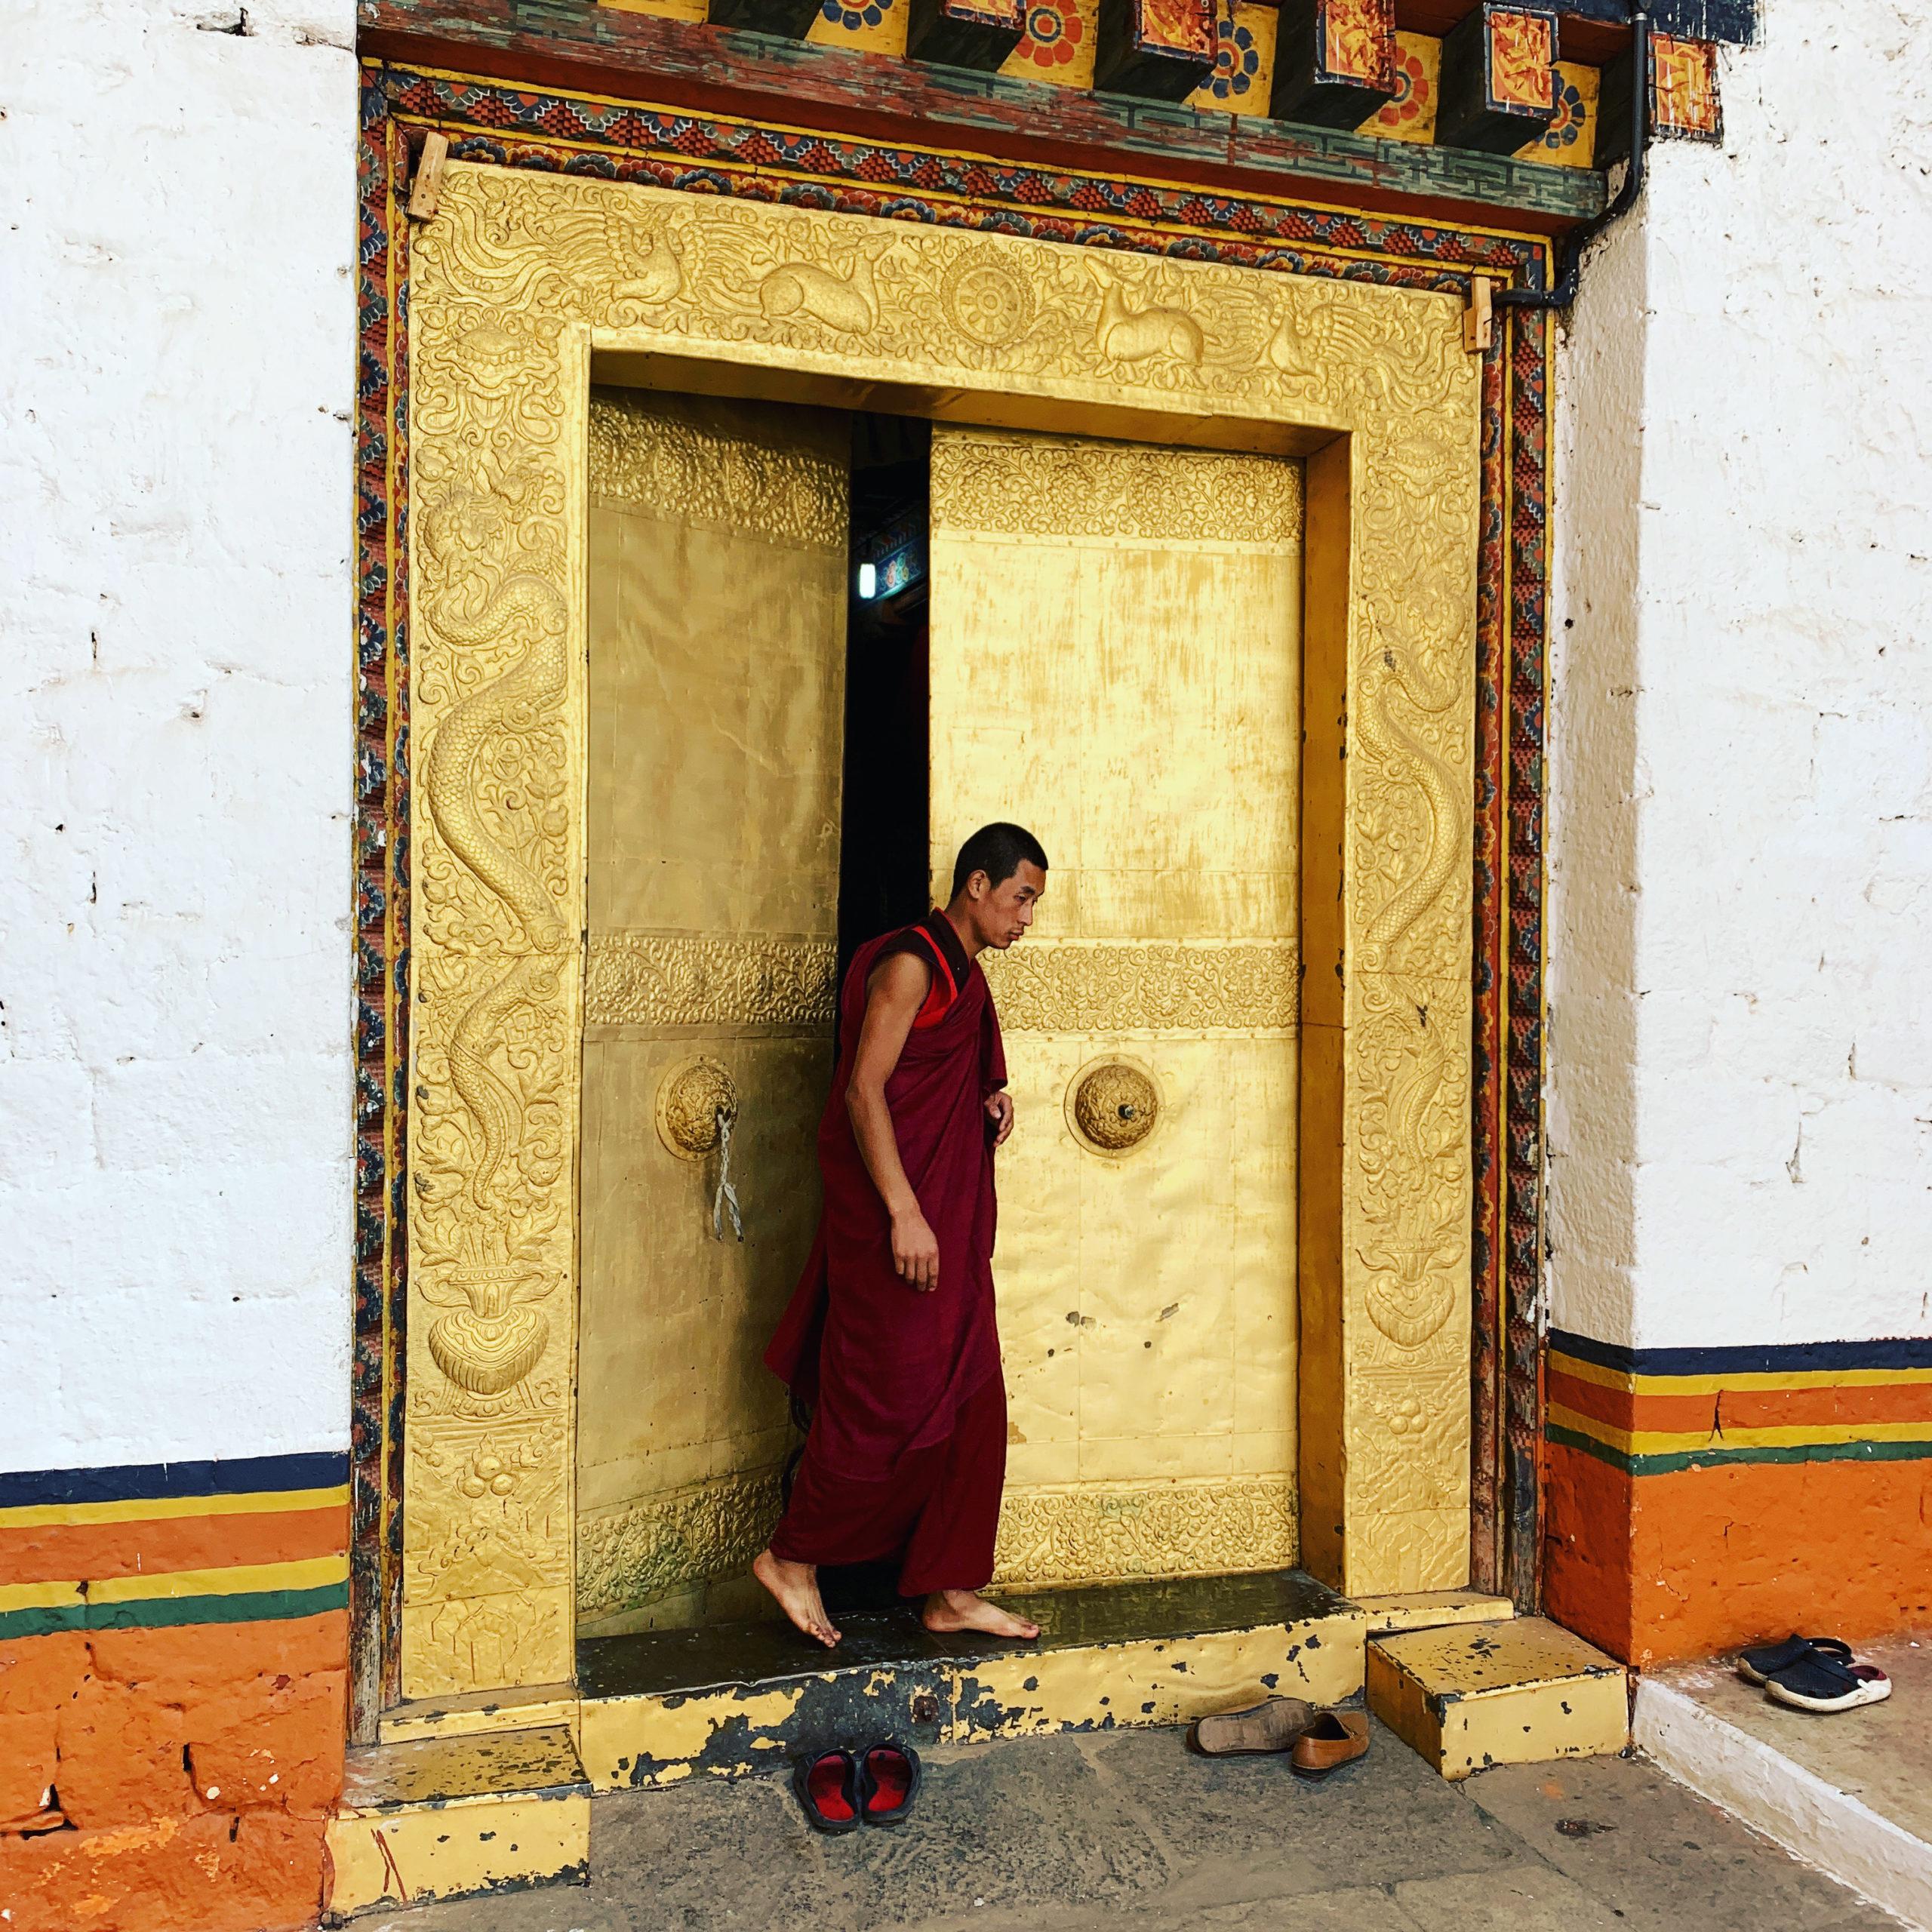 Buddhistischer Mönch tritt aus einem großen, golden bemalten Festungstor